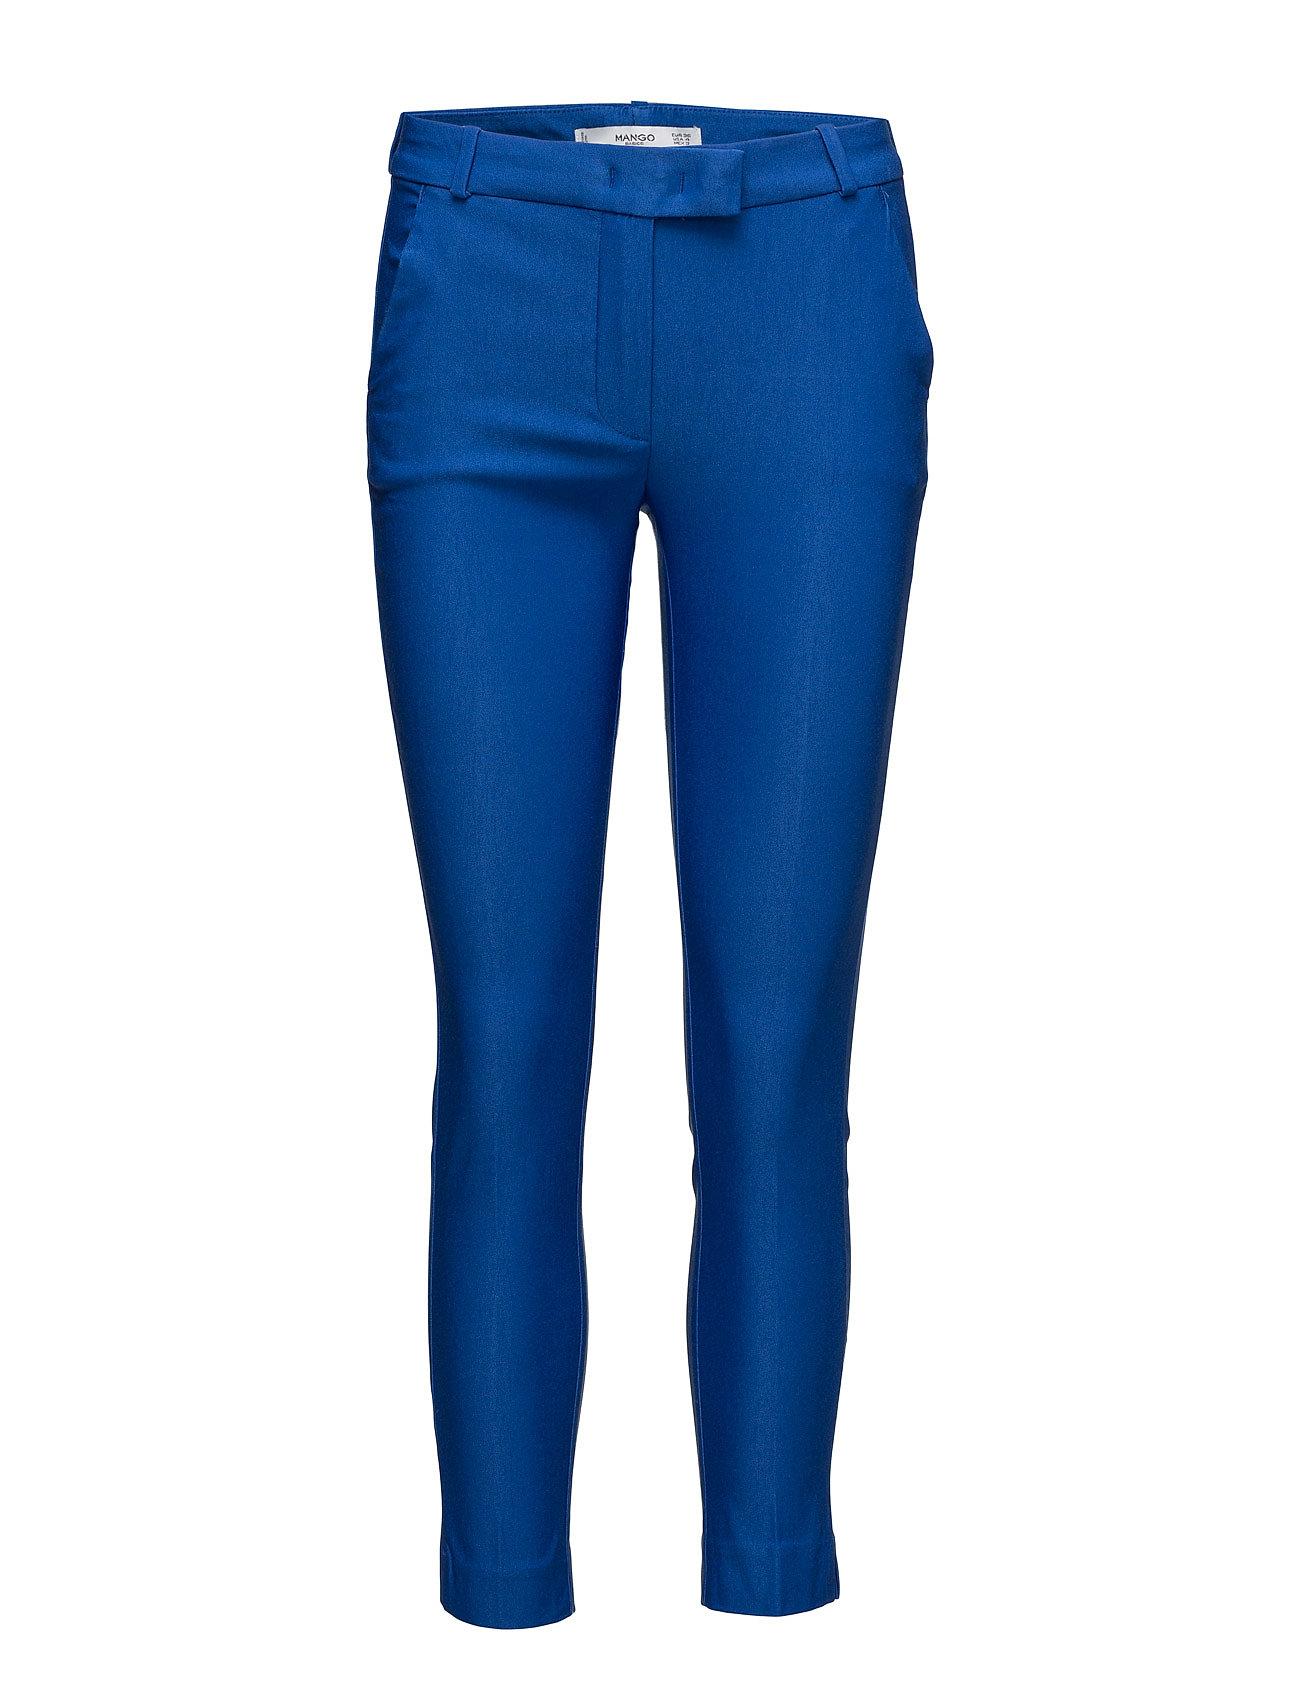 Crop Slim-Fit Trousers Mango Skinny til Damer i Medium Blå